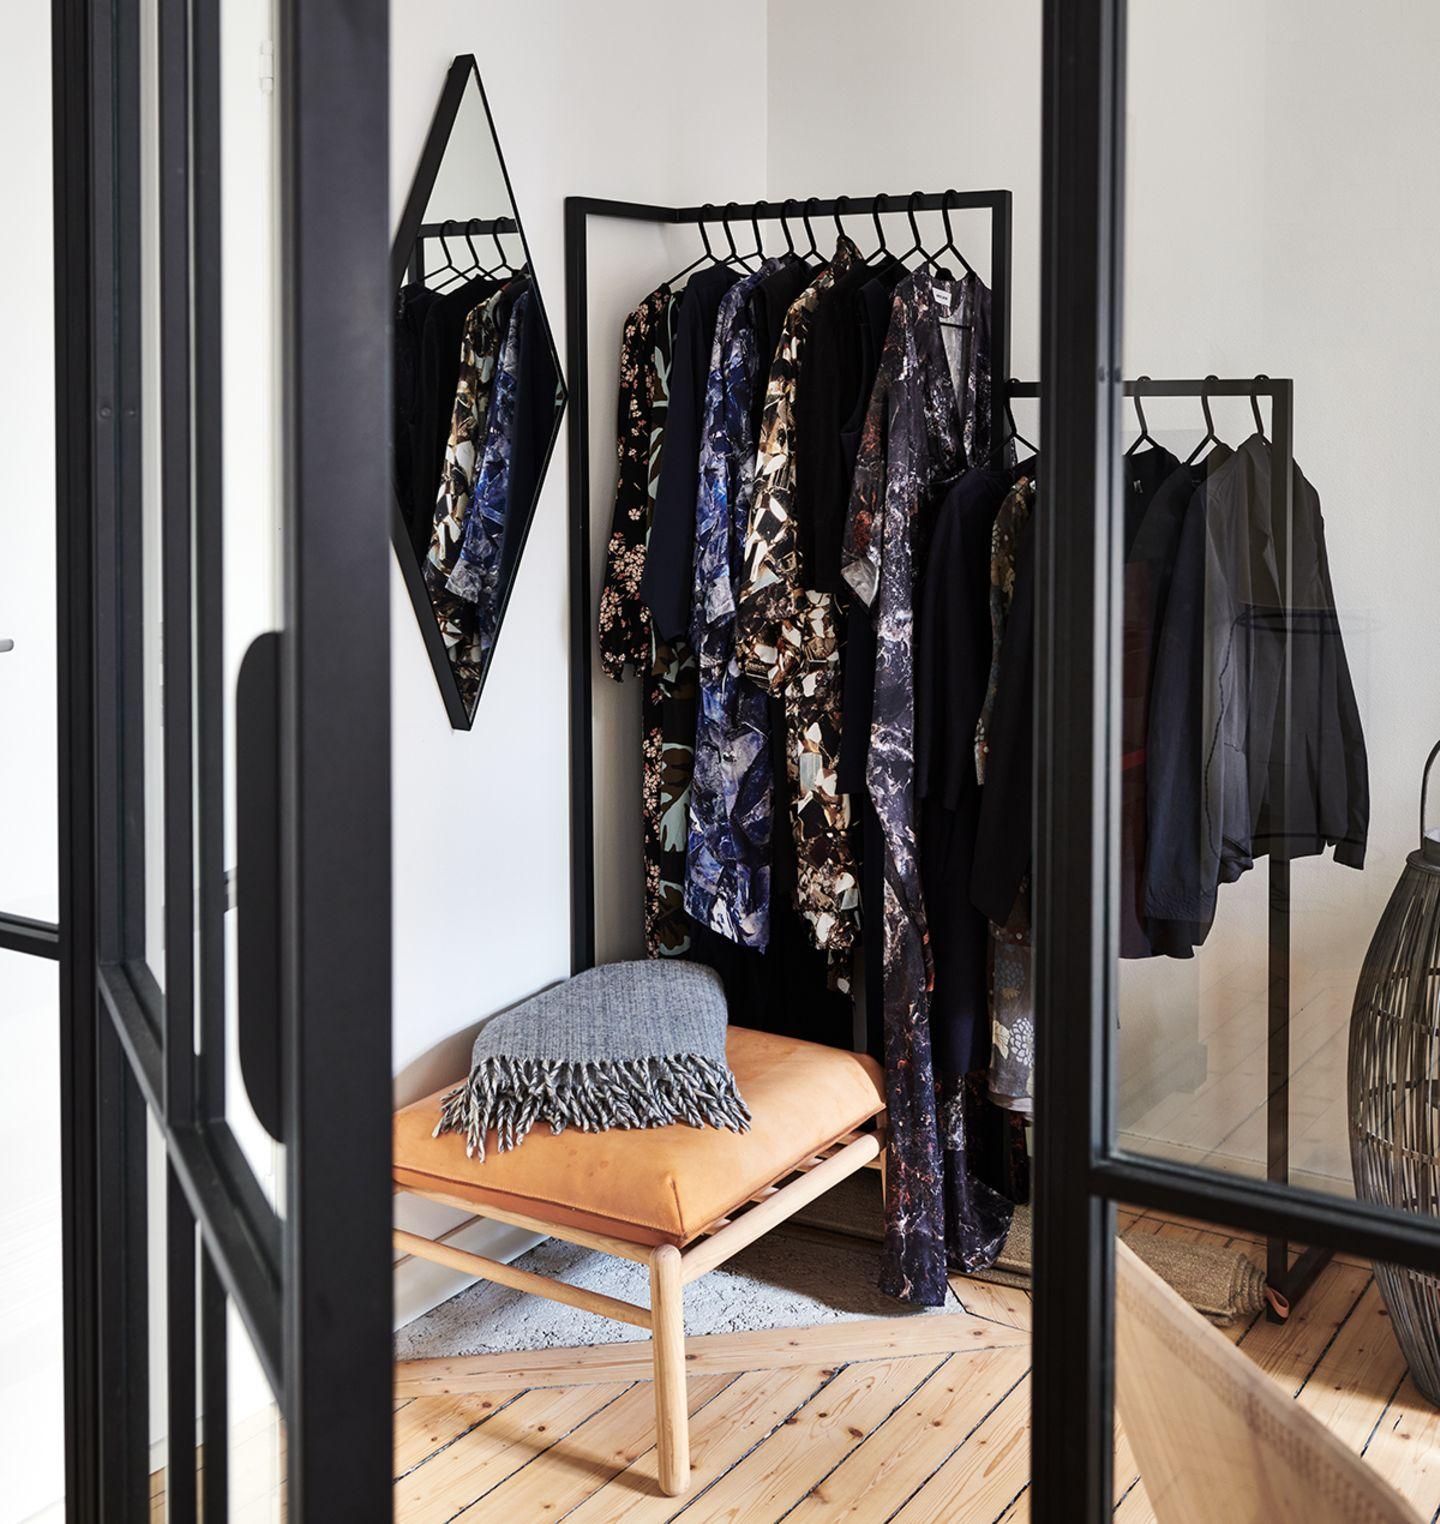 Blick durch eine Glasstahltür auf eine Ankleide mit Kleiderständern.